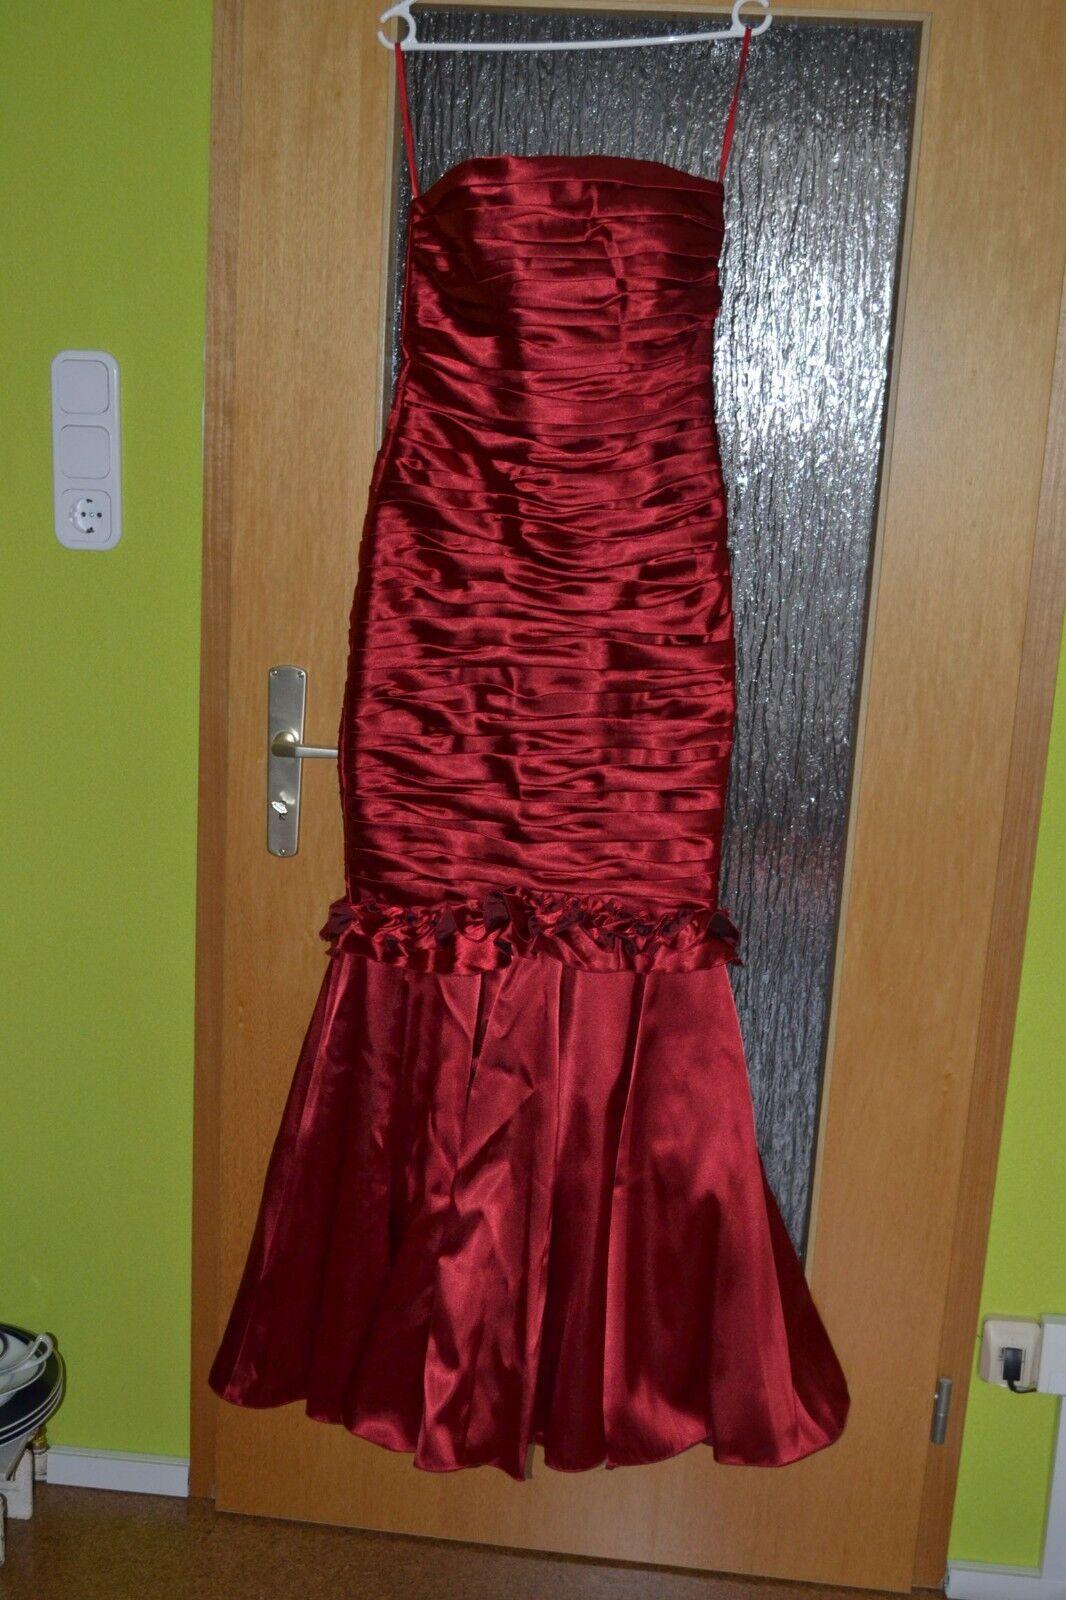 Juju    & Christine Gr. 36 Ballkleid Abendkleid Mermaid rot Stola Brautkleid NEU | Um Zuerst Unter ähnlichen Produkten Rang  | Verrückte Preis  b16f36